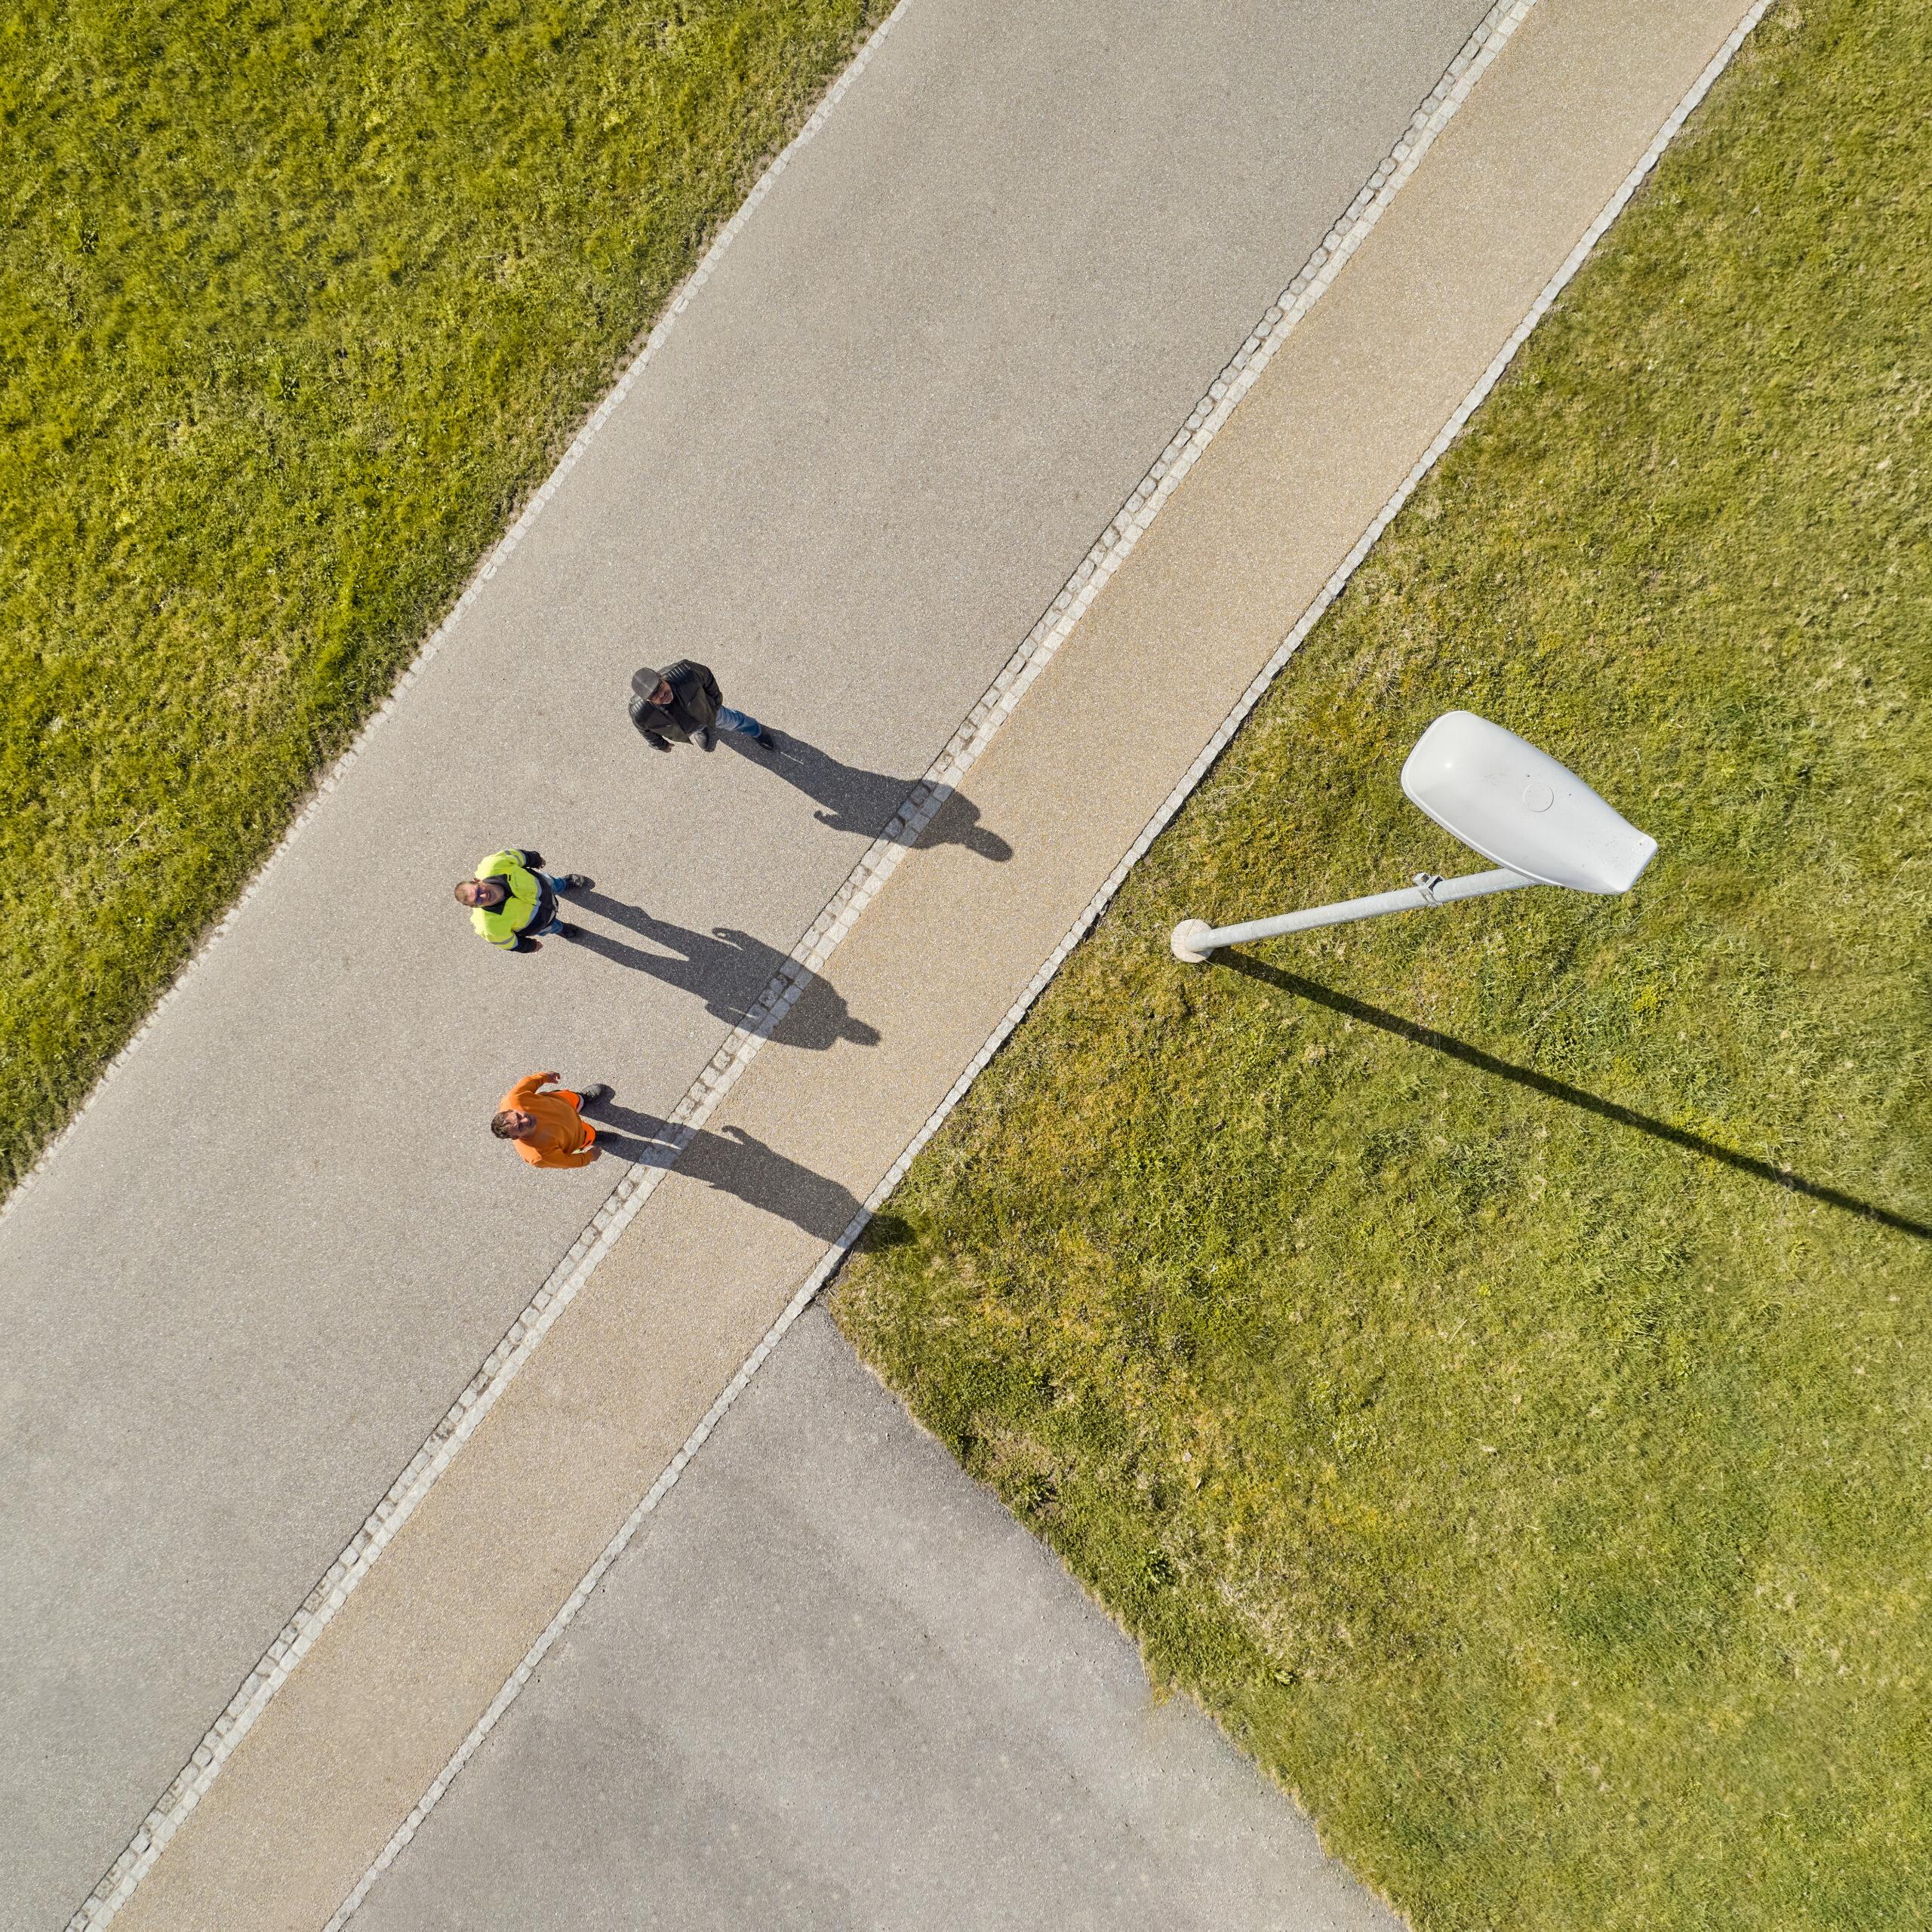 Michael Müller, Projektleiter Netze bei Elektra, steht mit zwei Gemeindemitarbeitenden auf der Strasse und schaut einem Kandelaber empor. Die Elektra bietet Gemeinden Dienstleistungen für die öffentliche Beleuchtung an.